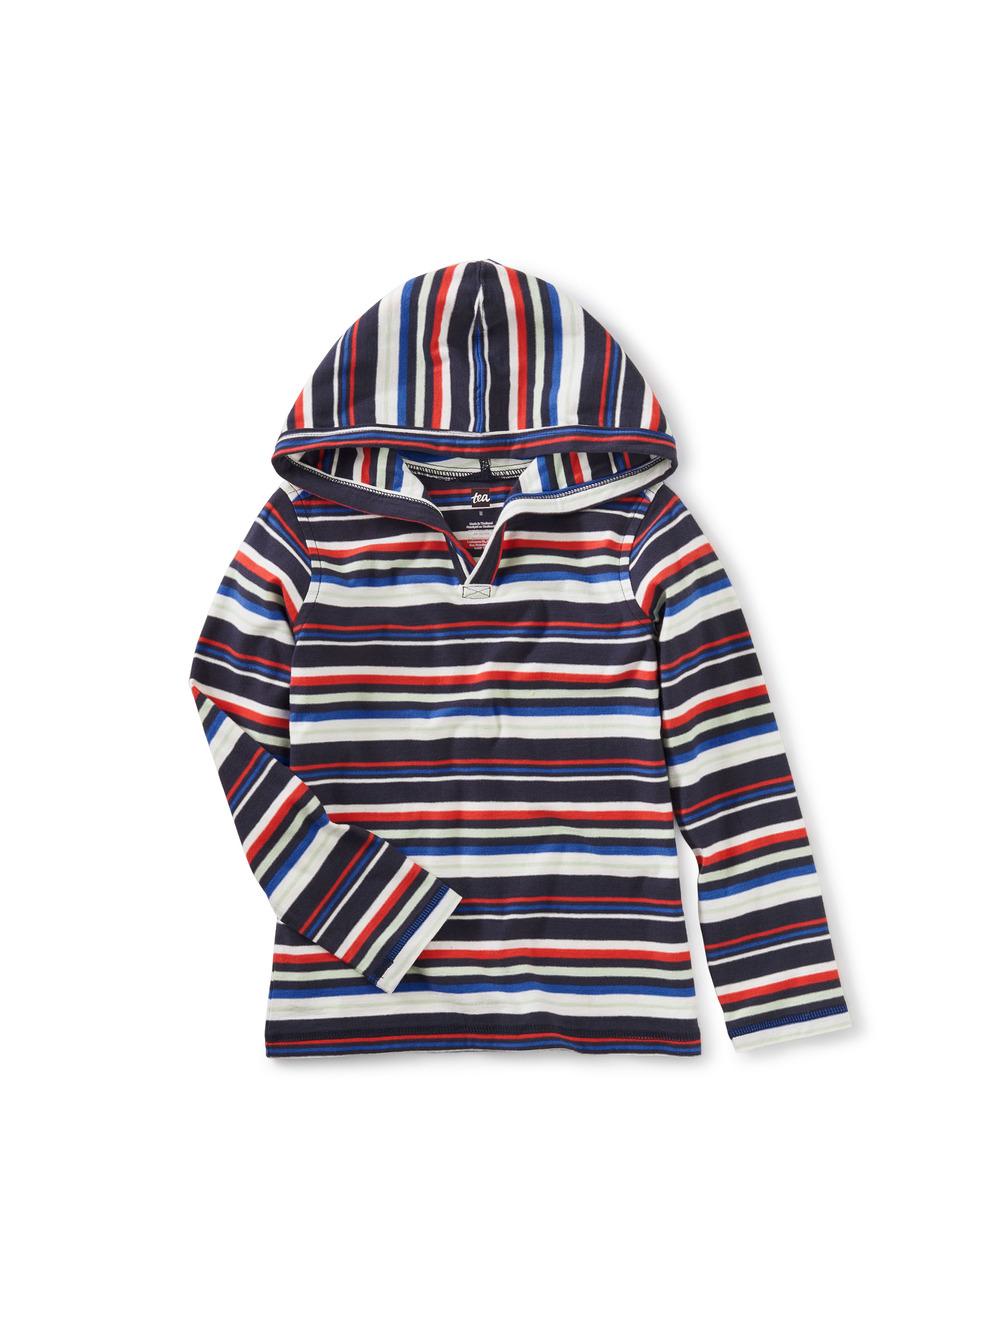 Happy Hoodie in Stripes